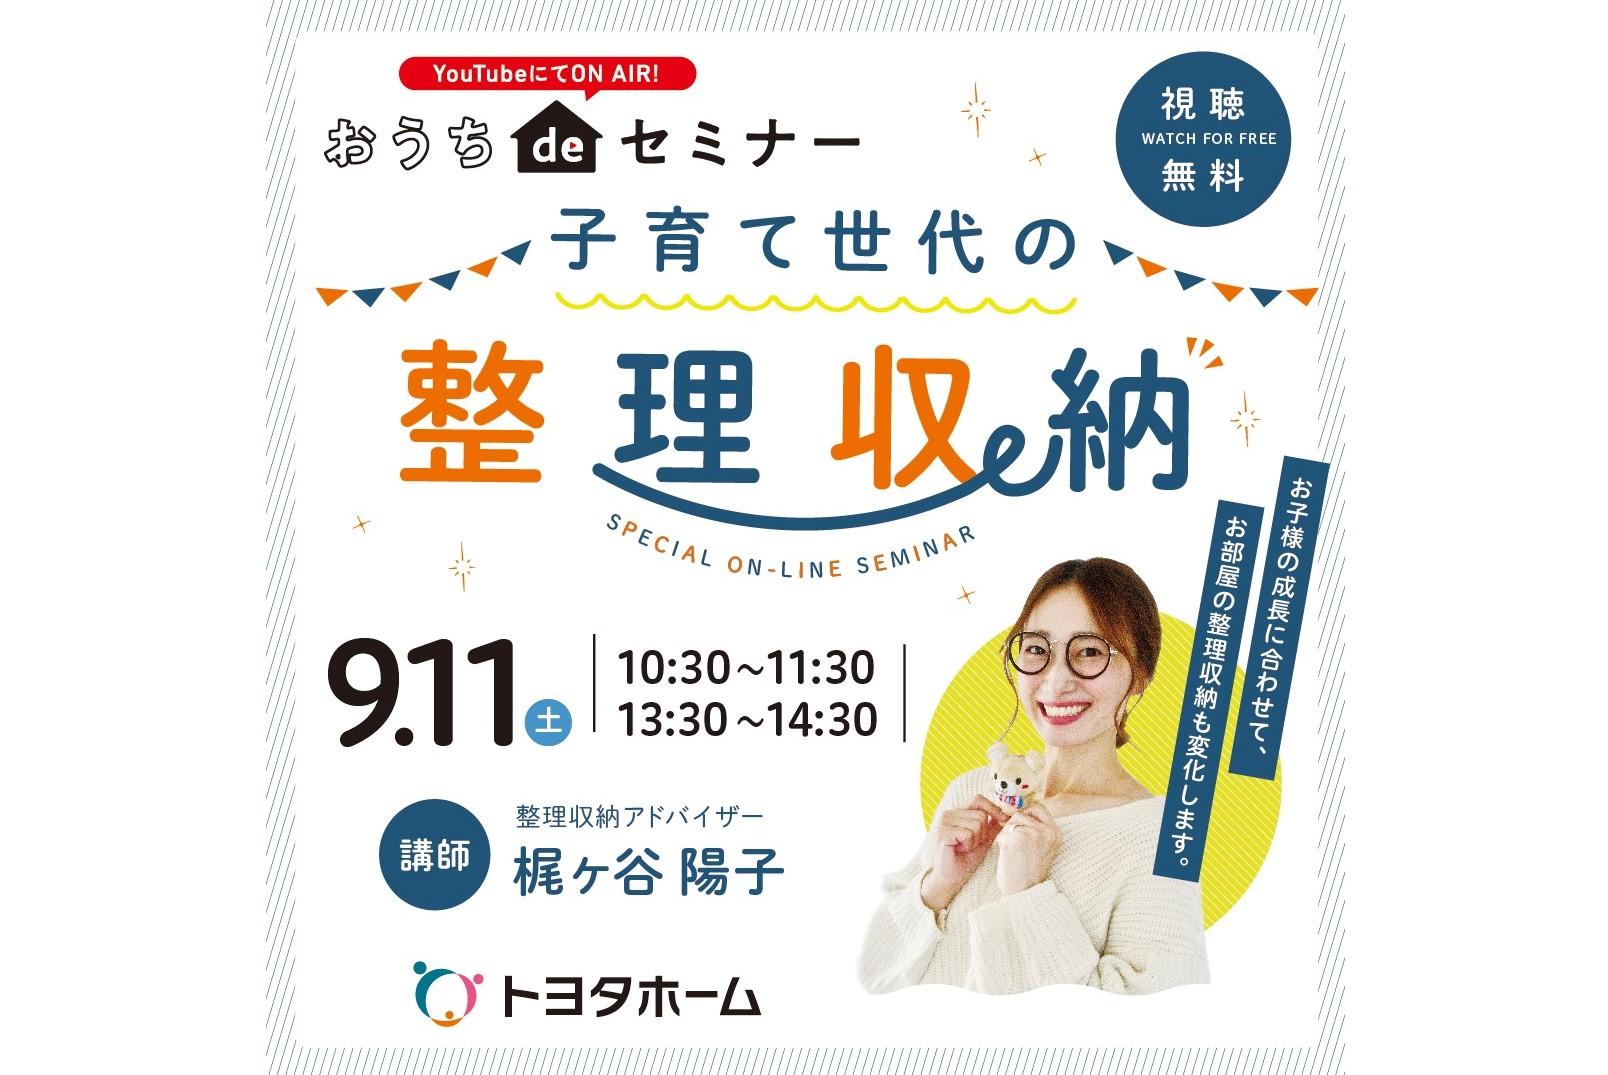 9/11(土)◆【おうちdeセミナー】子育て世代の整理収納サムネイル画像